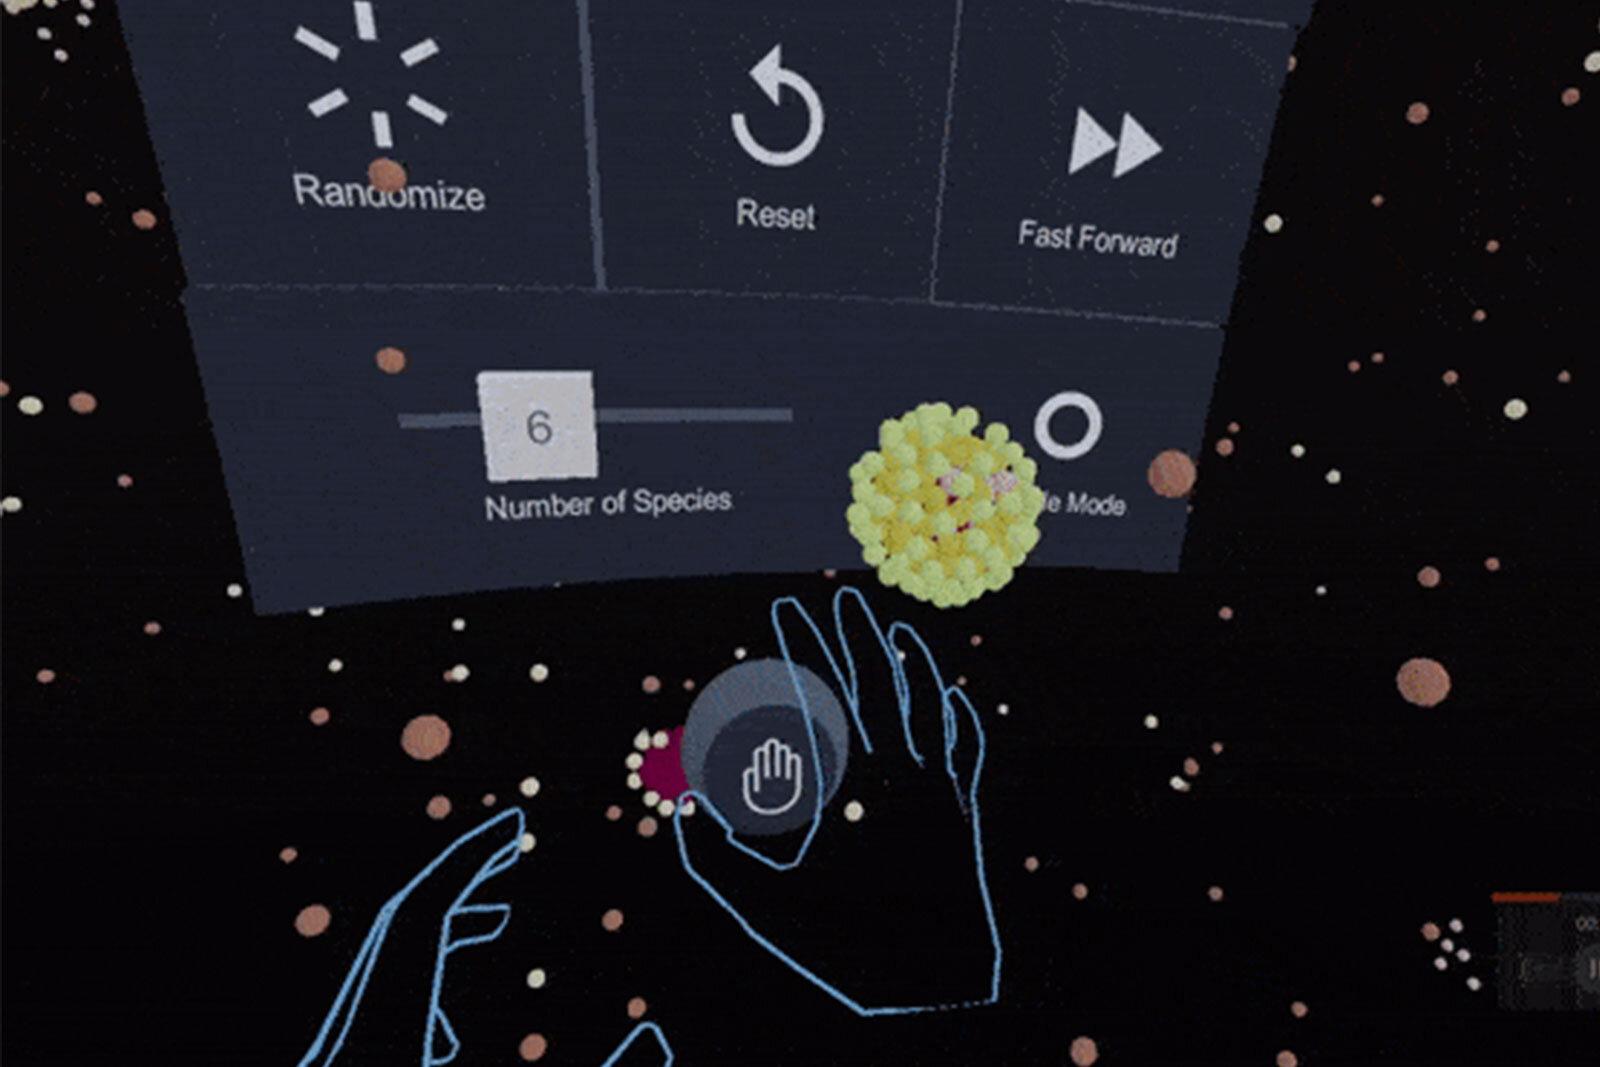 Menu in VR